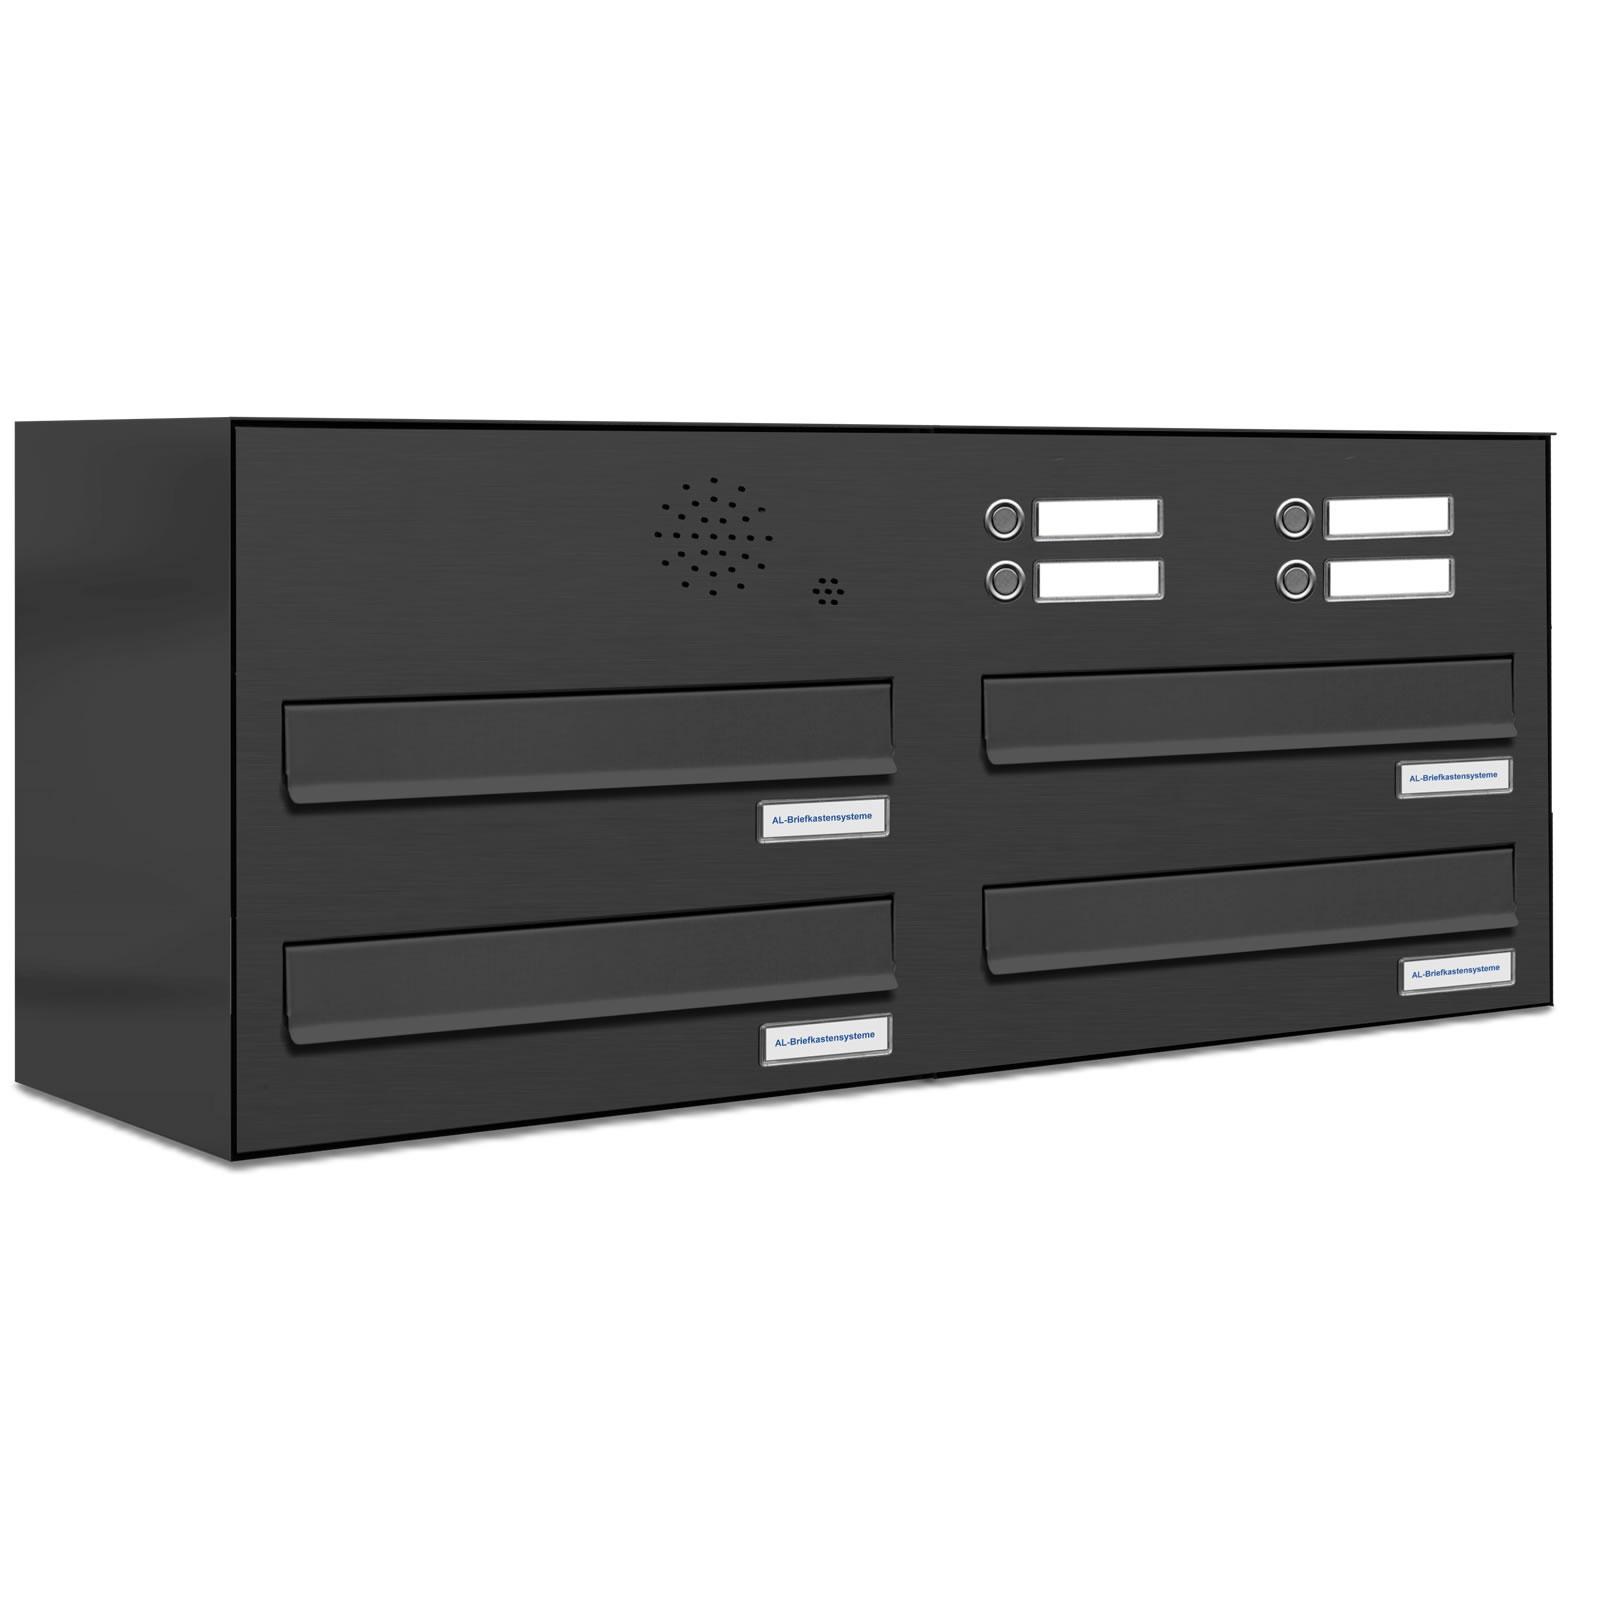 4er premium zaun durchwurf briefkasten anthrazit mit klingel 4 fach ebay. Black Bedroom Furniture Sets. Home Design Ideas